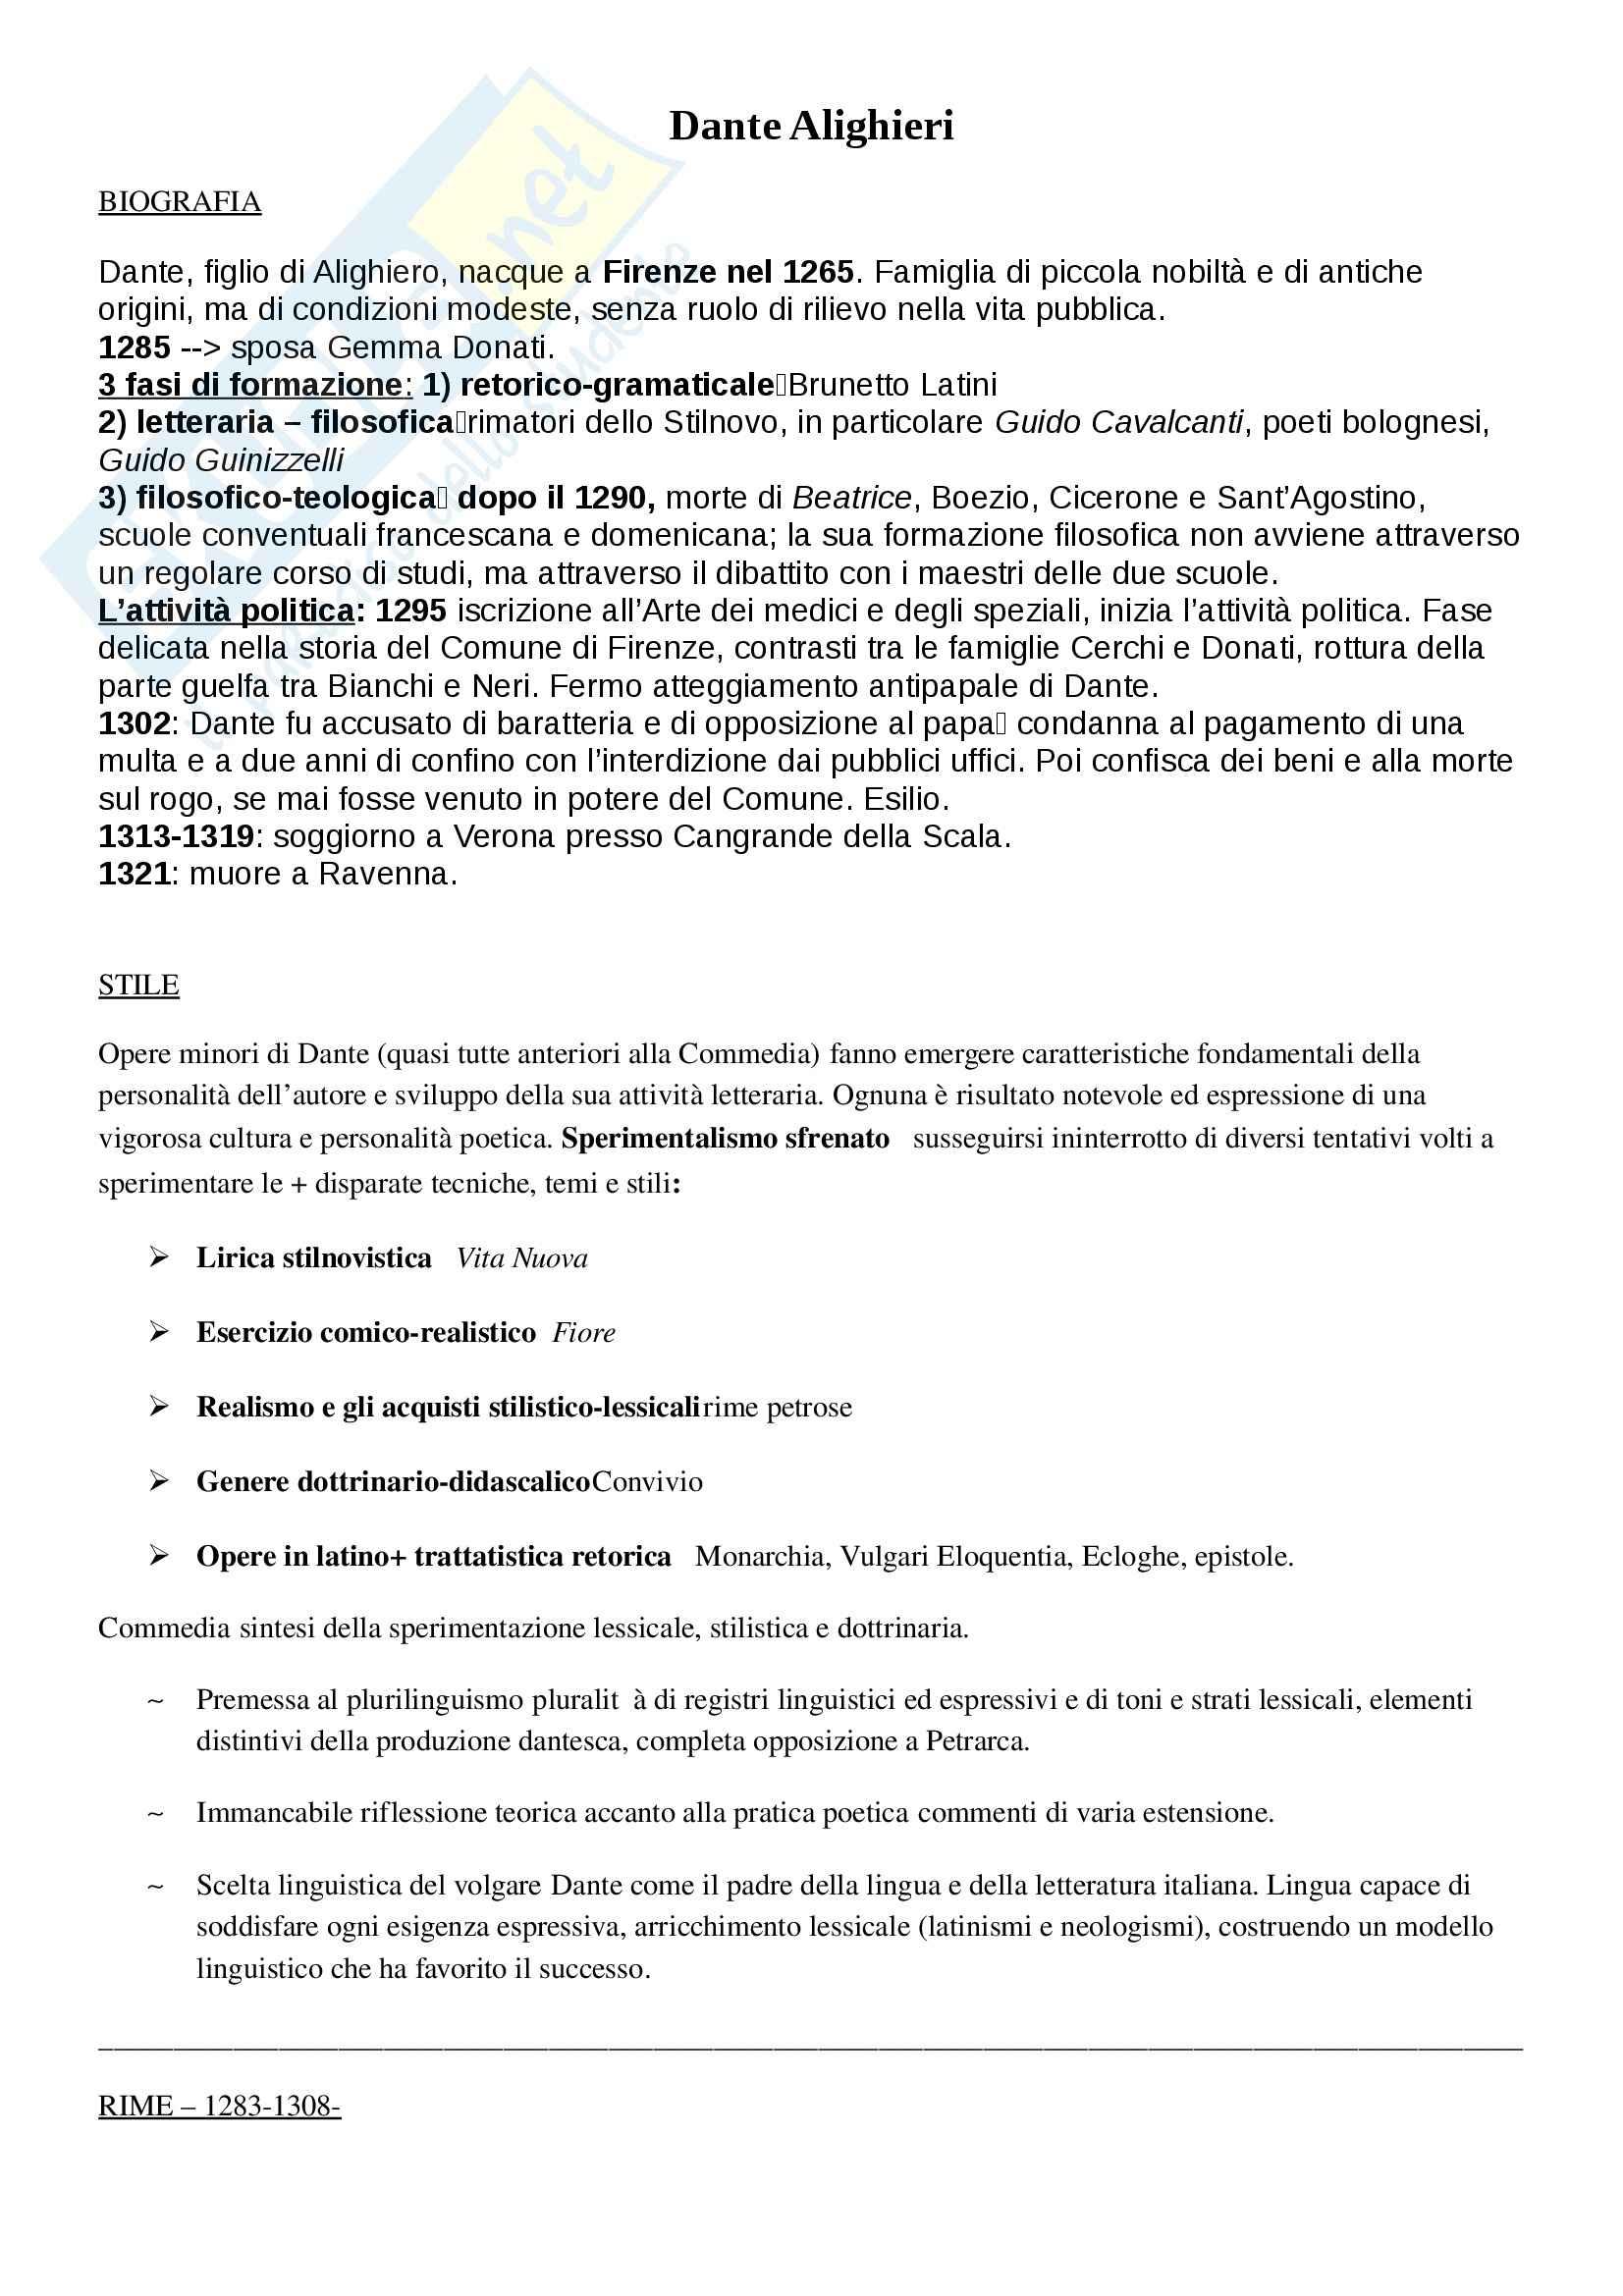 Letteratura Italiana - Tutto su Dante, Boccaccio, Petrarca, Machiavelli, Ariosto, Tasso